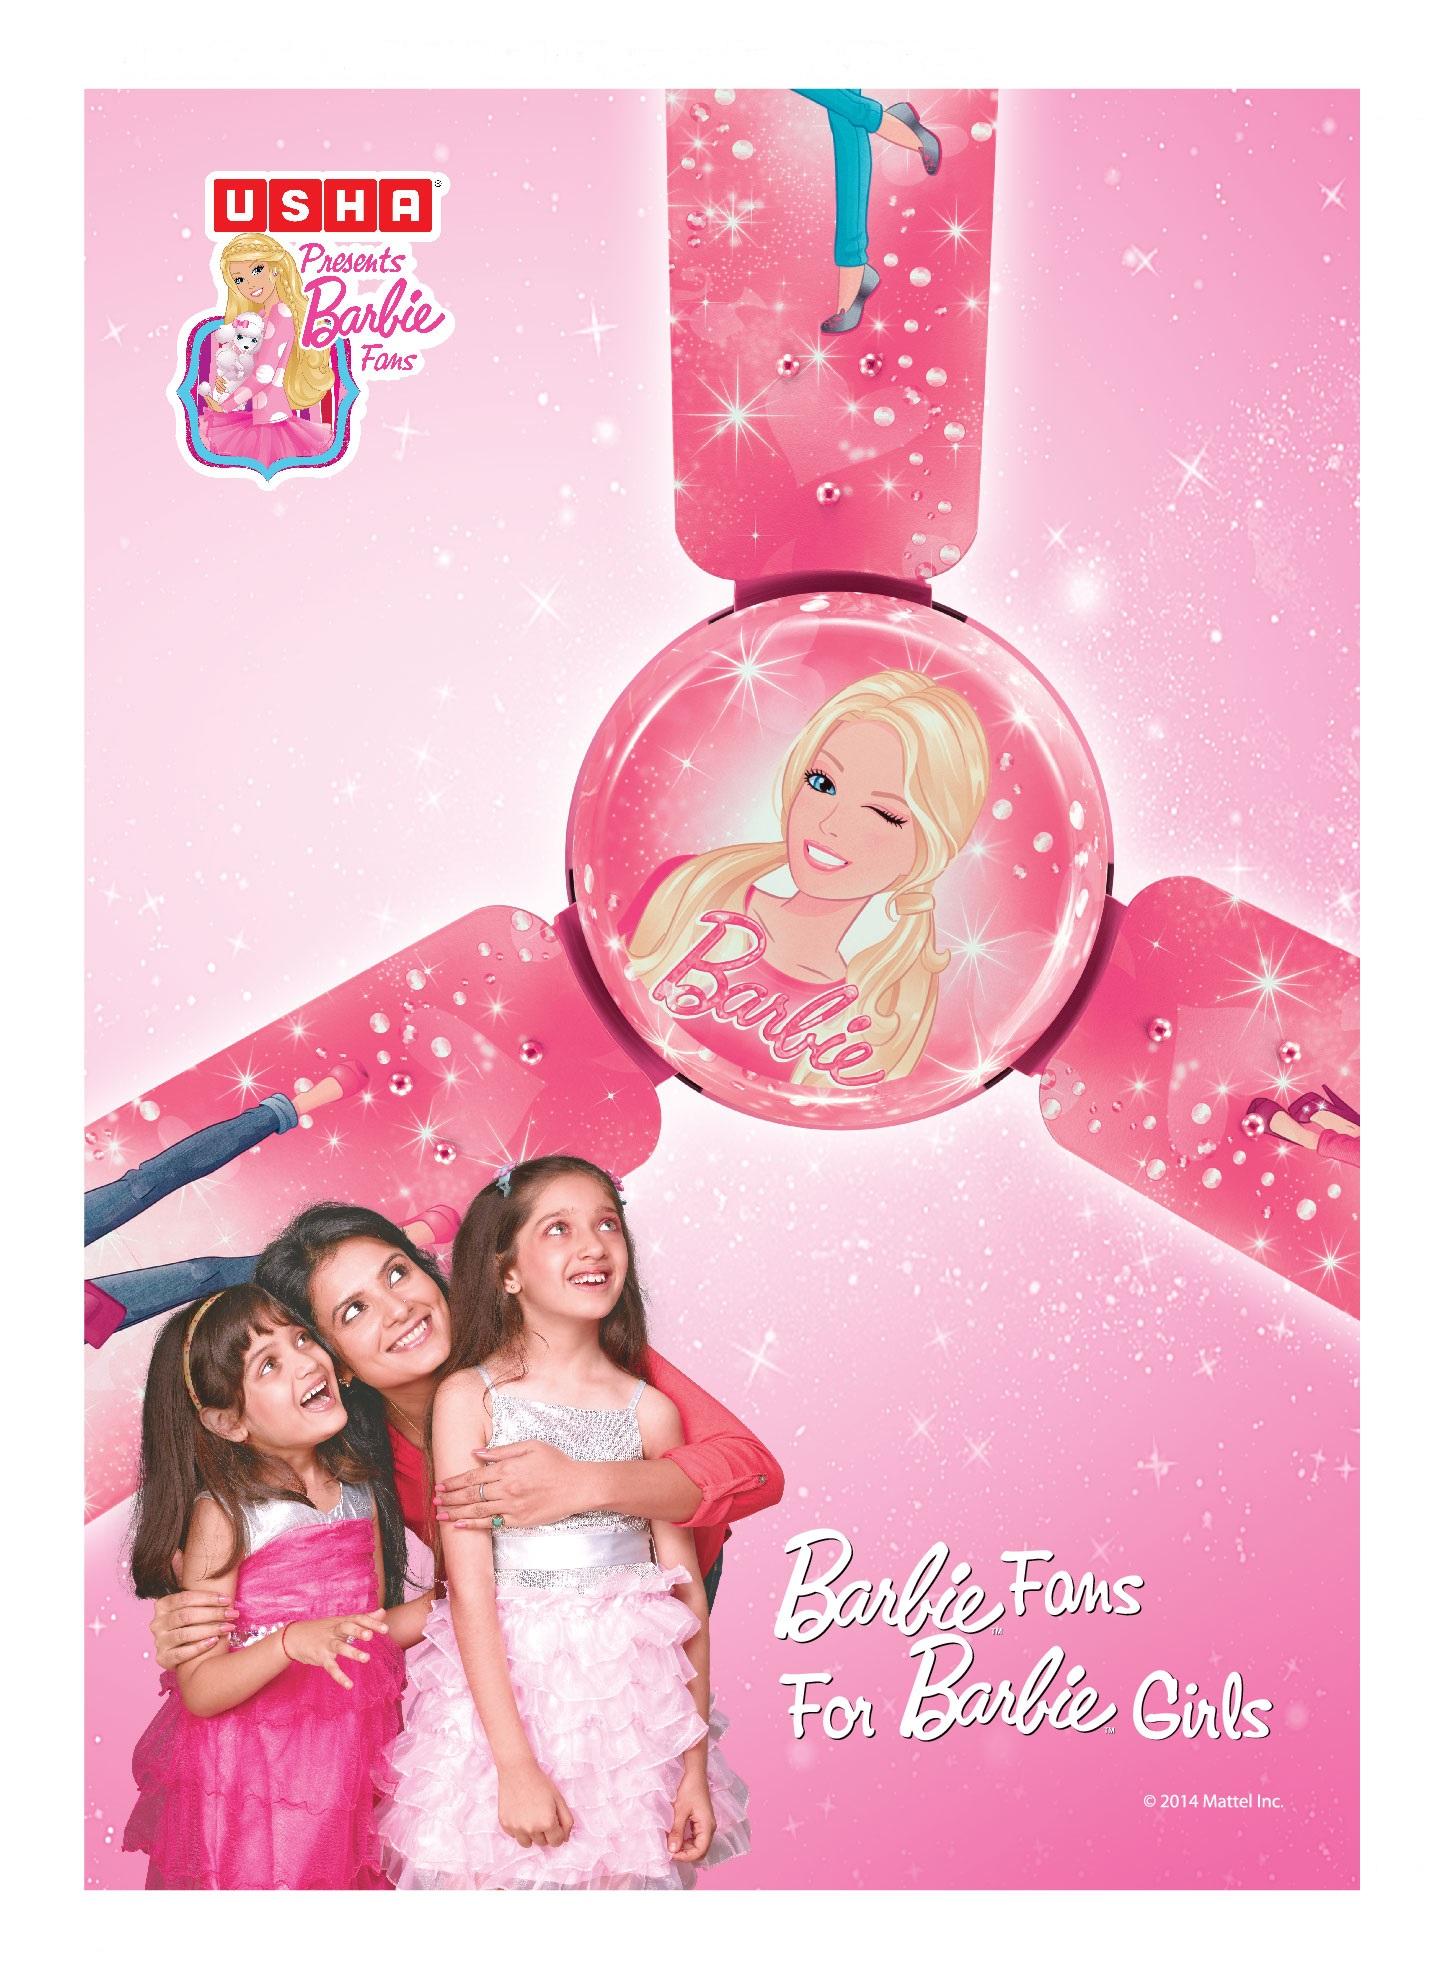 Usha Barbie Leaflet